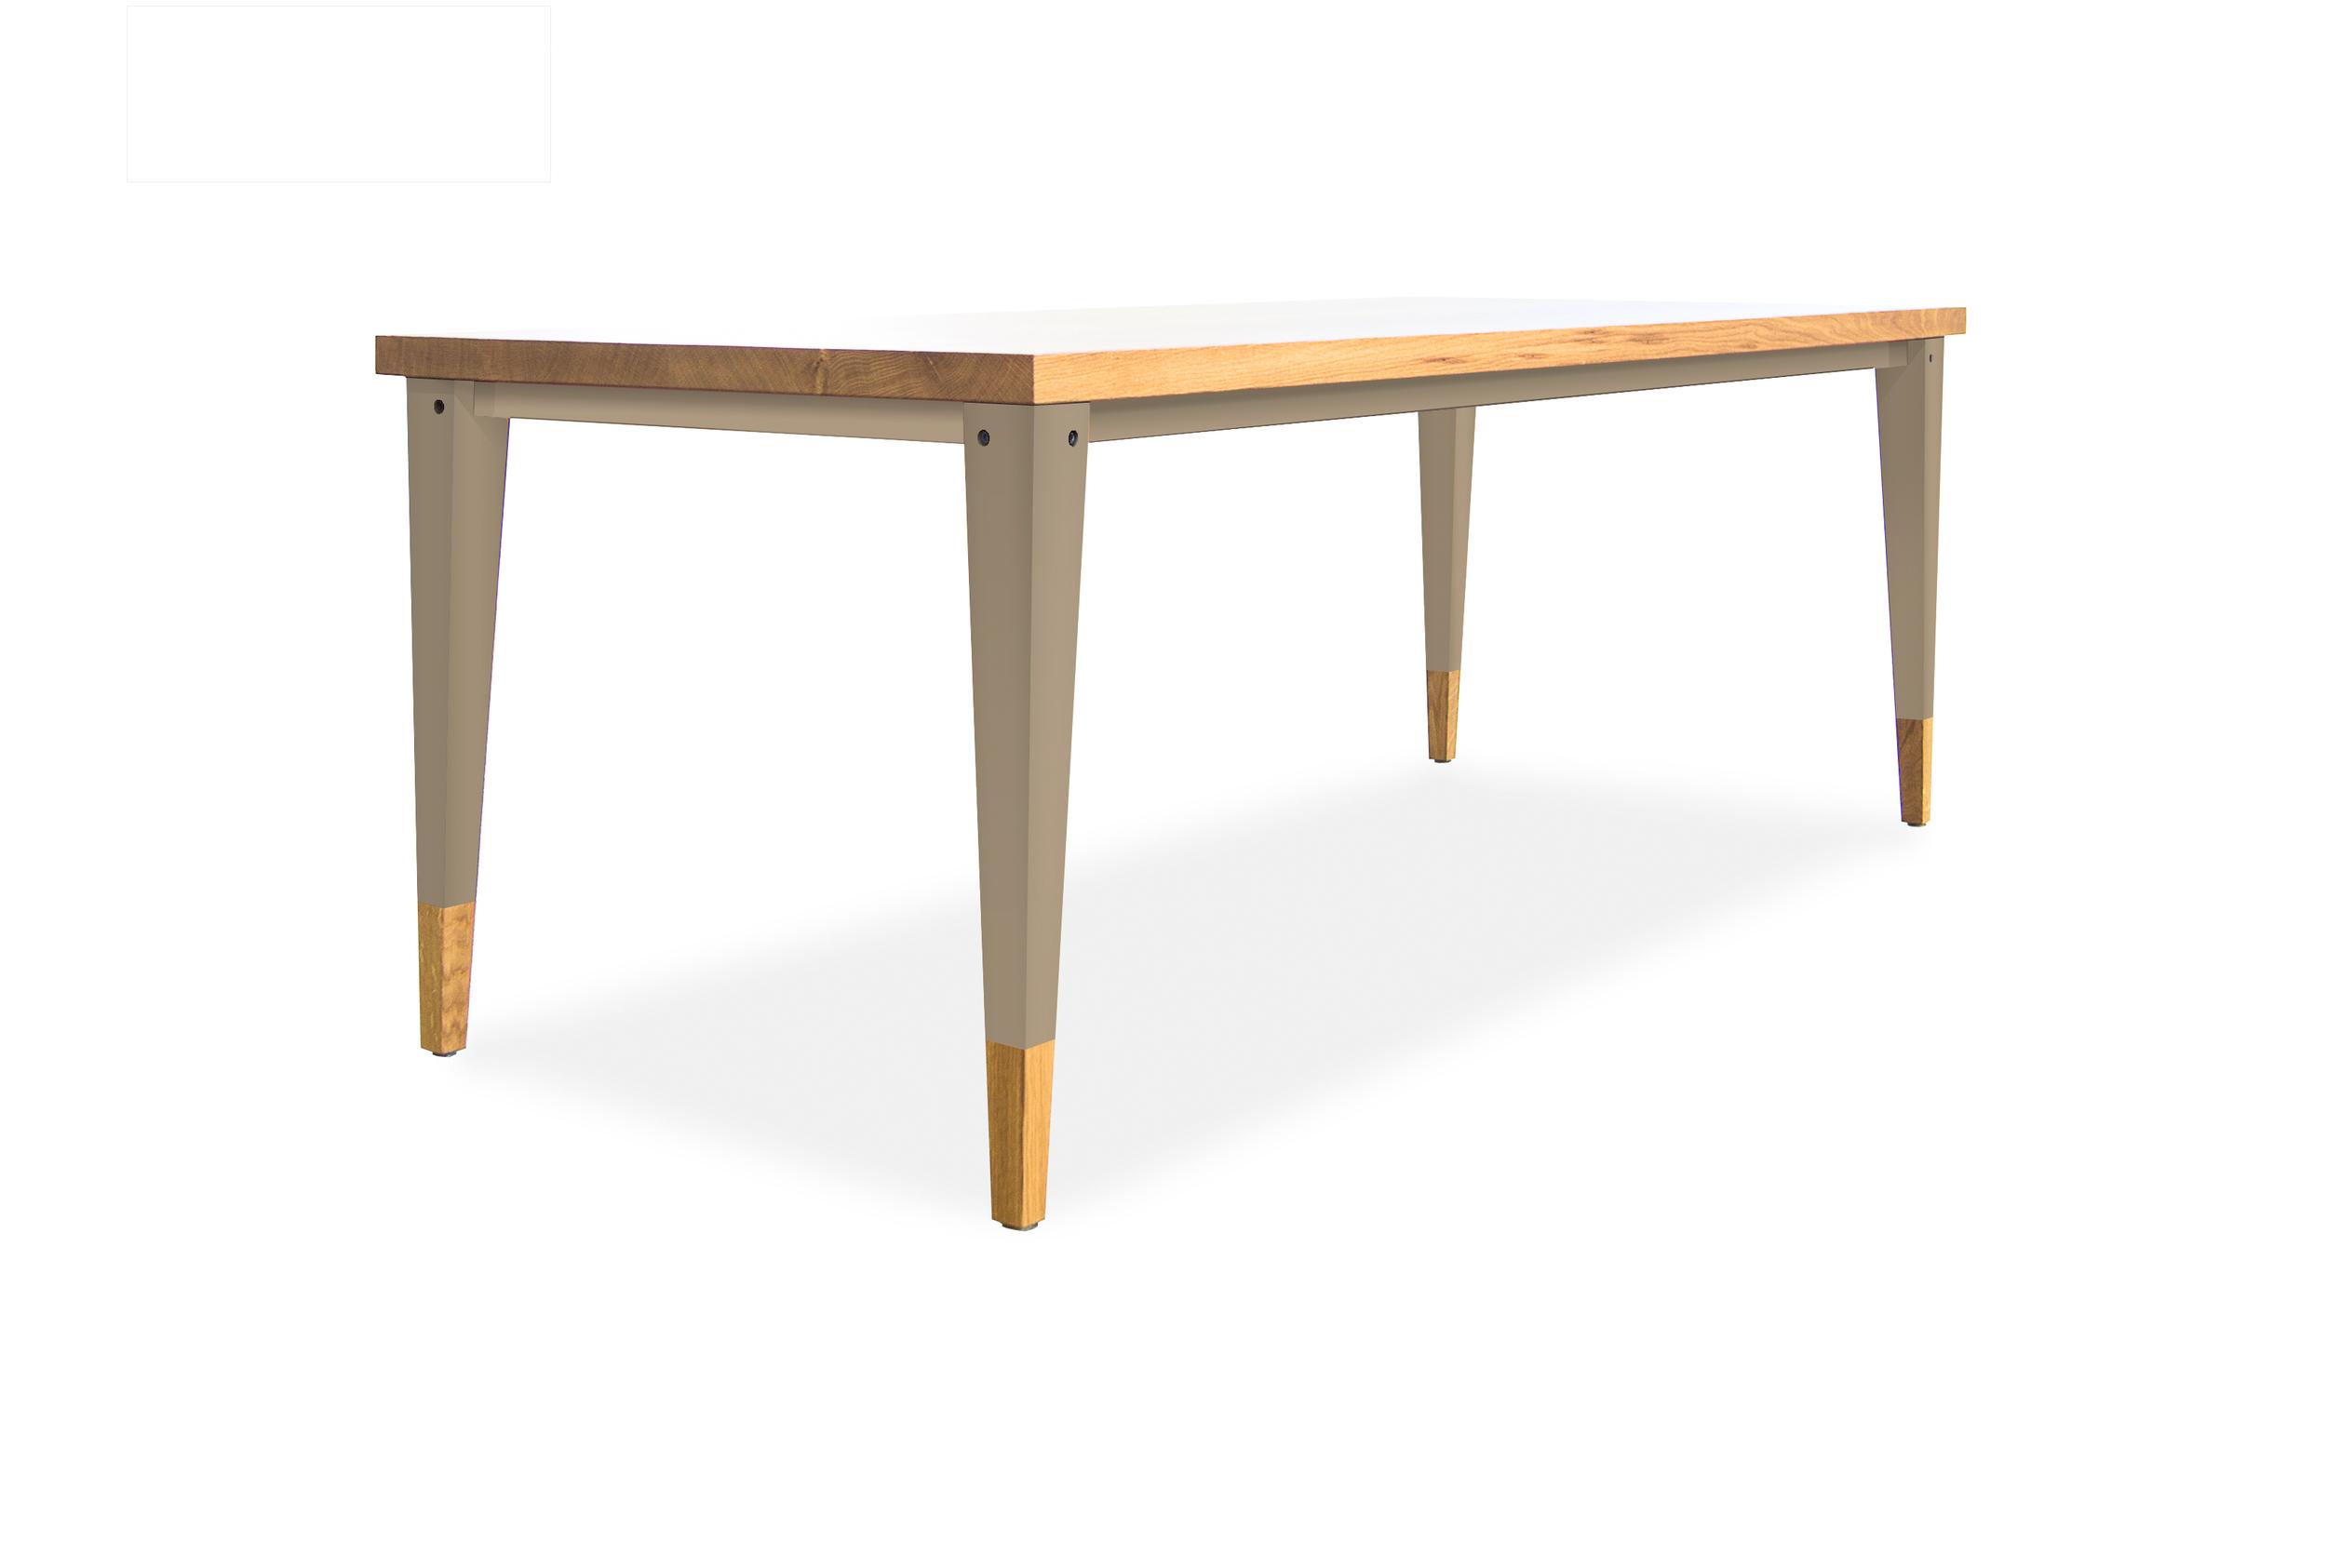 BB Tisch Bein ganz + Zarge 1019.jpg